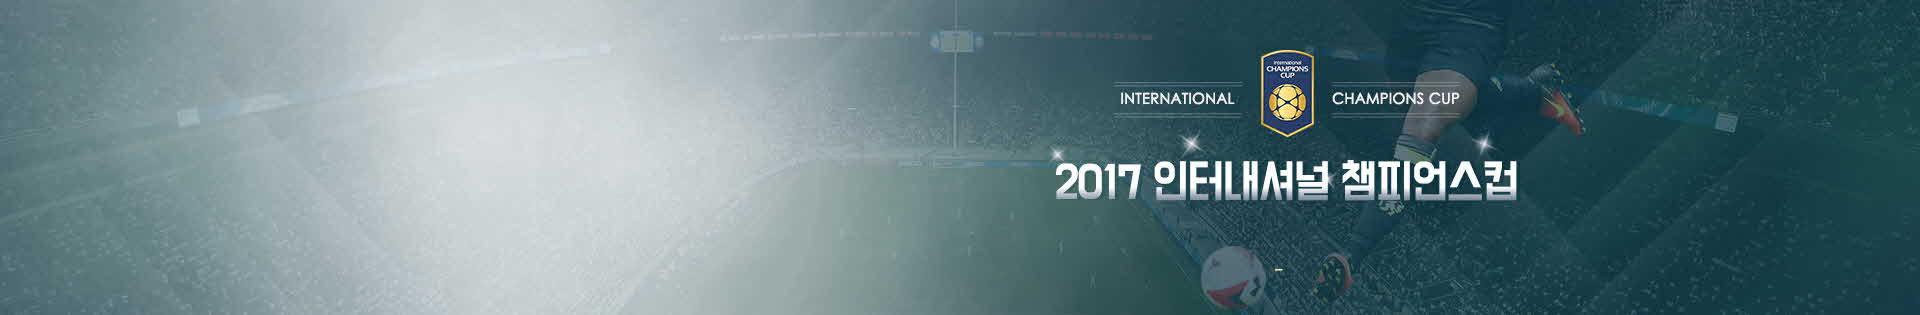 2017 ICC인터내셔널 챔피언스컵 프로그램 이미지